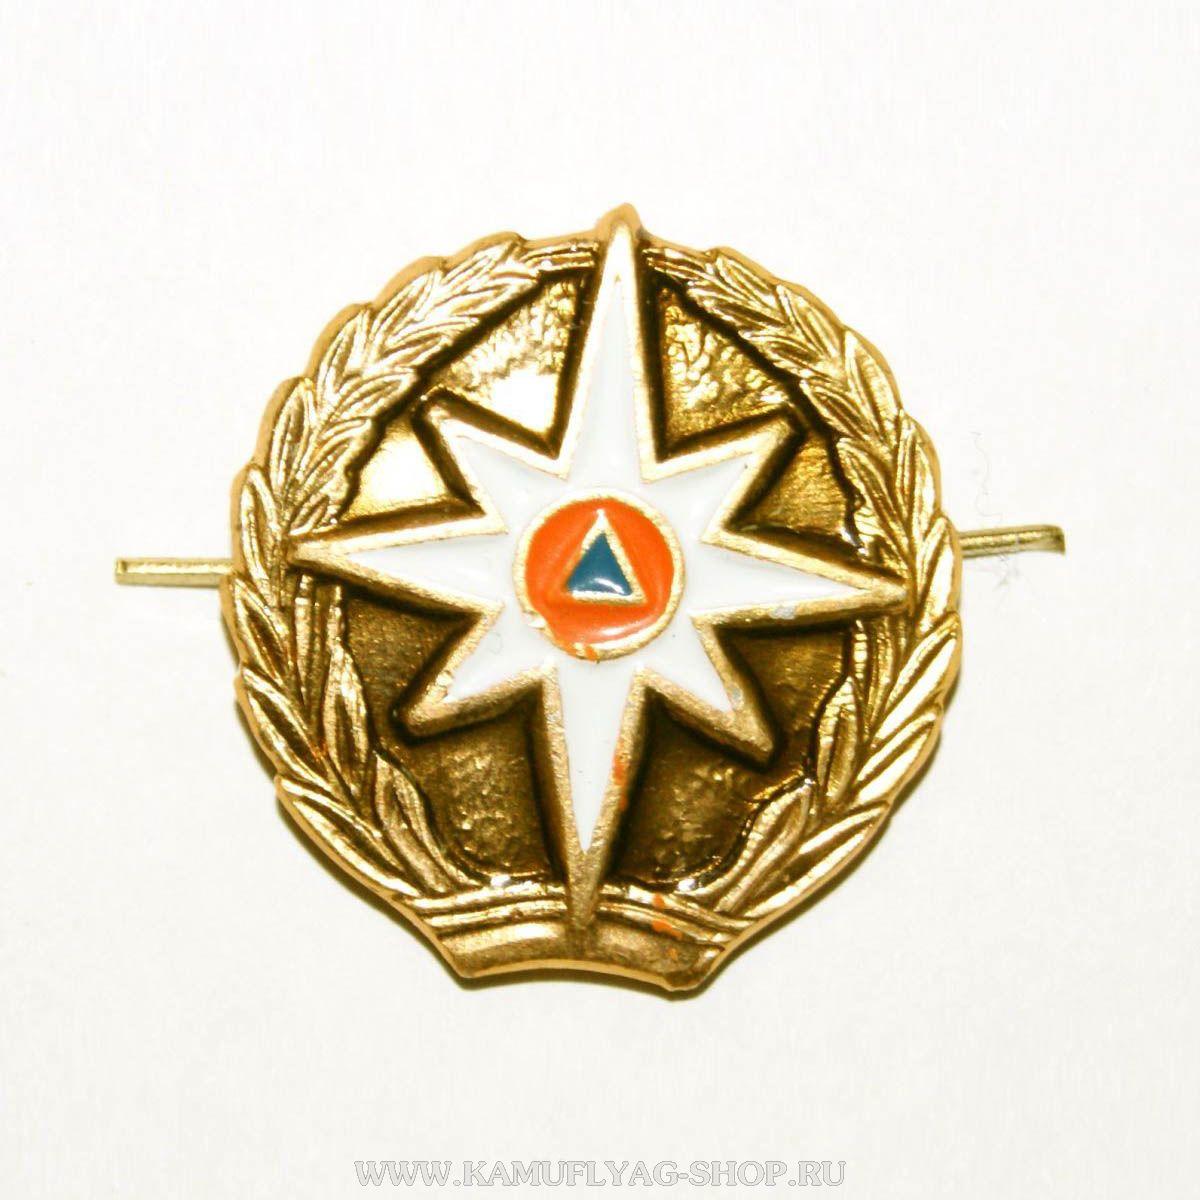 Эмблема петличная МЧС без просечек,золотая (шт.)